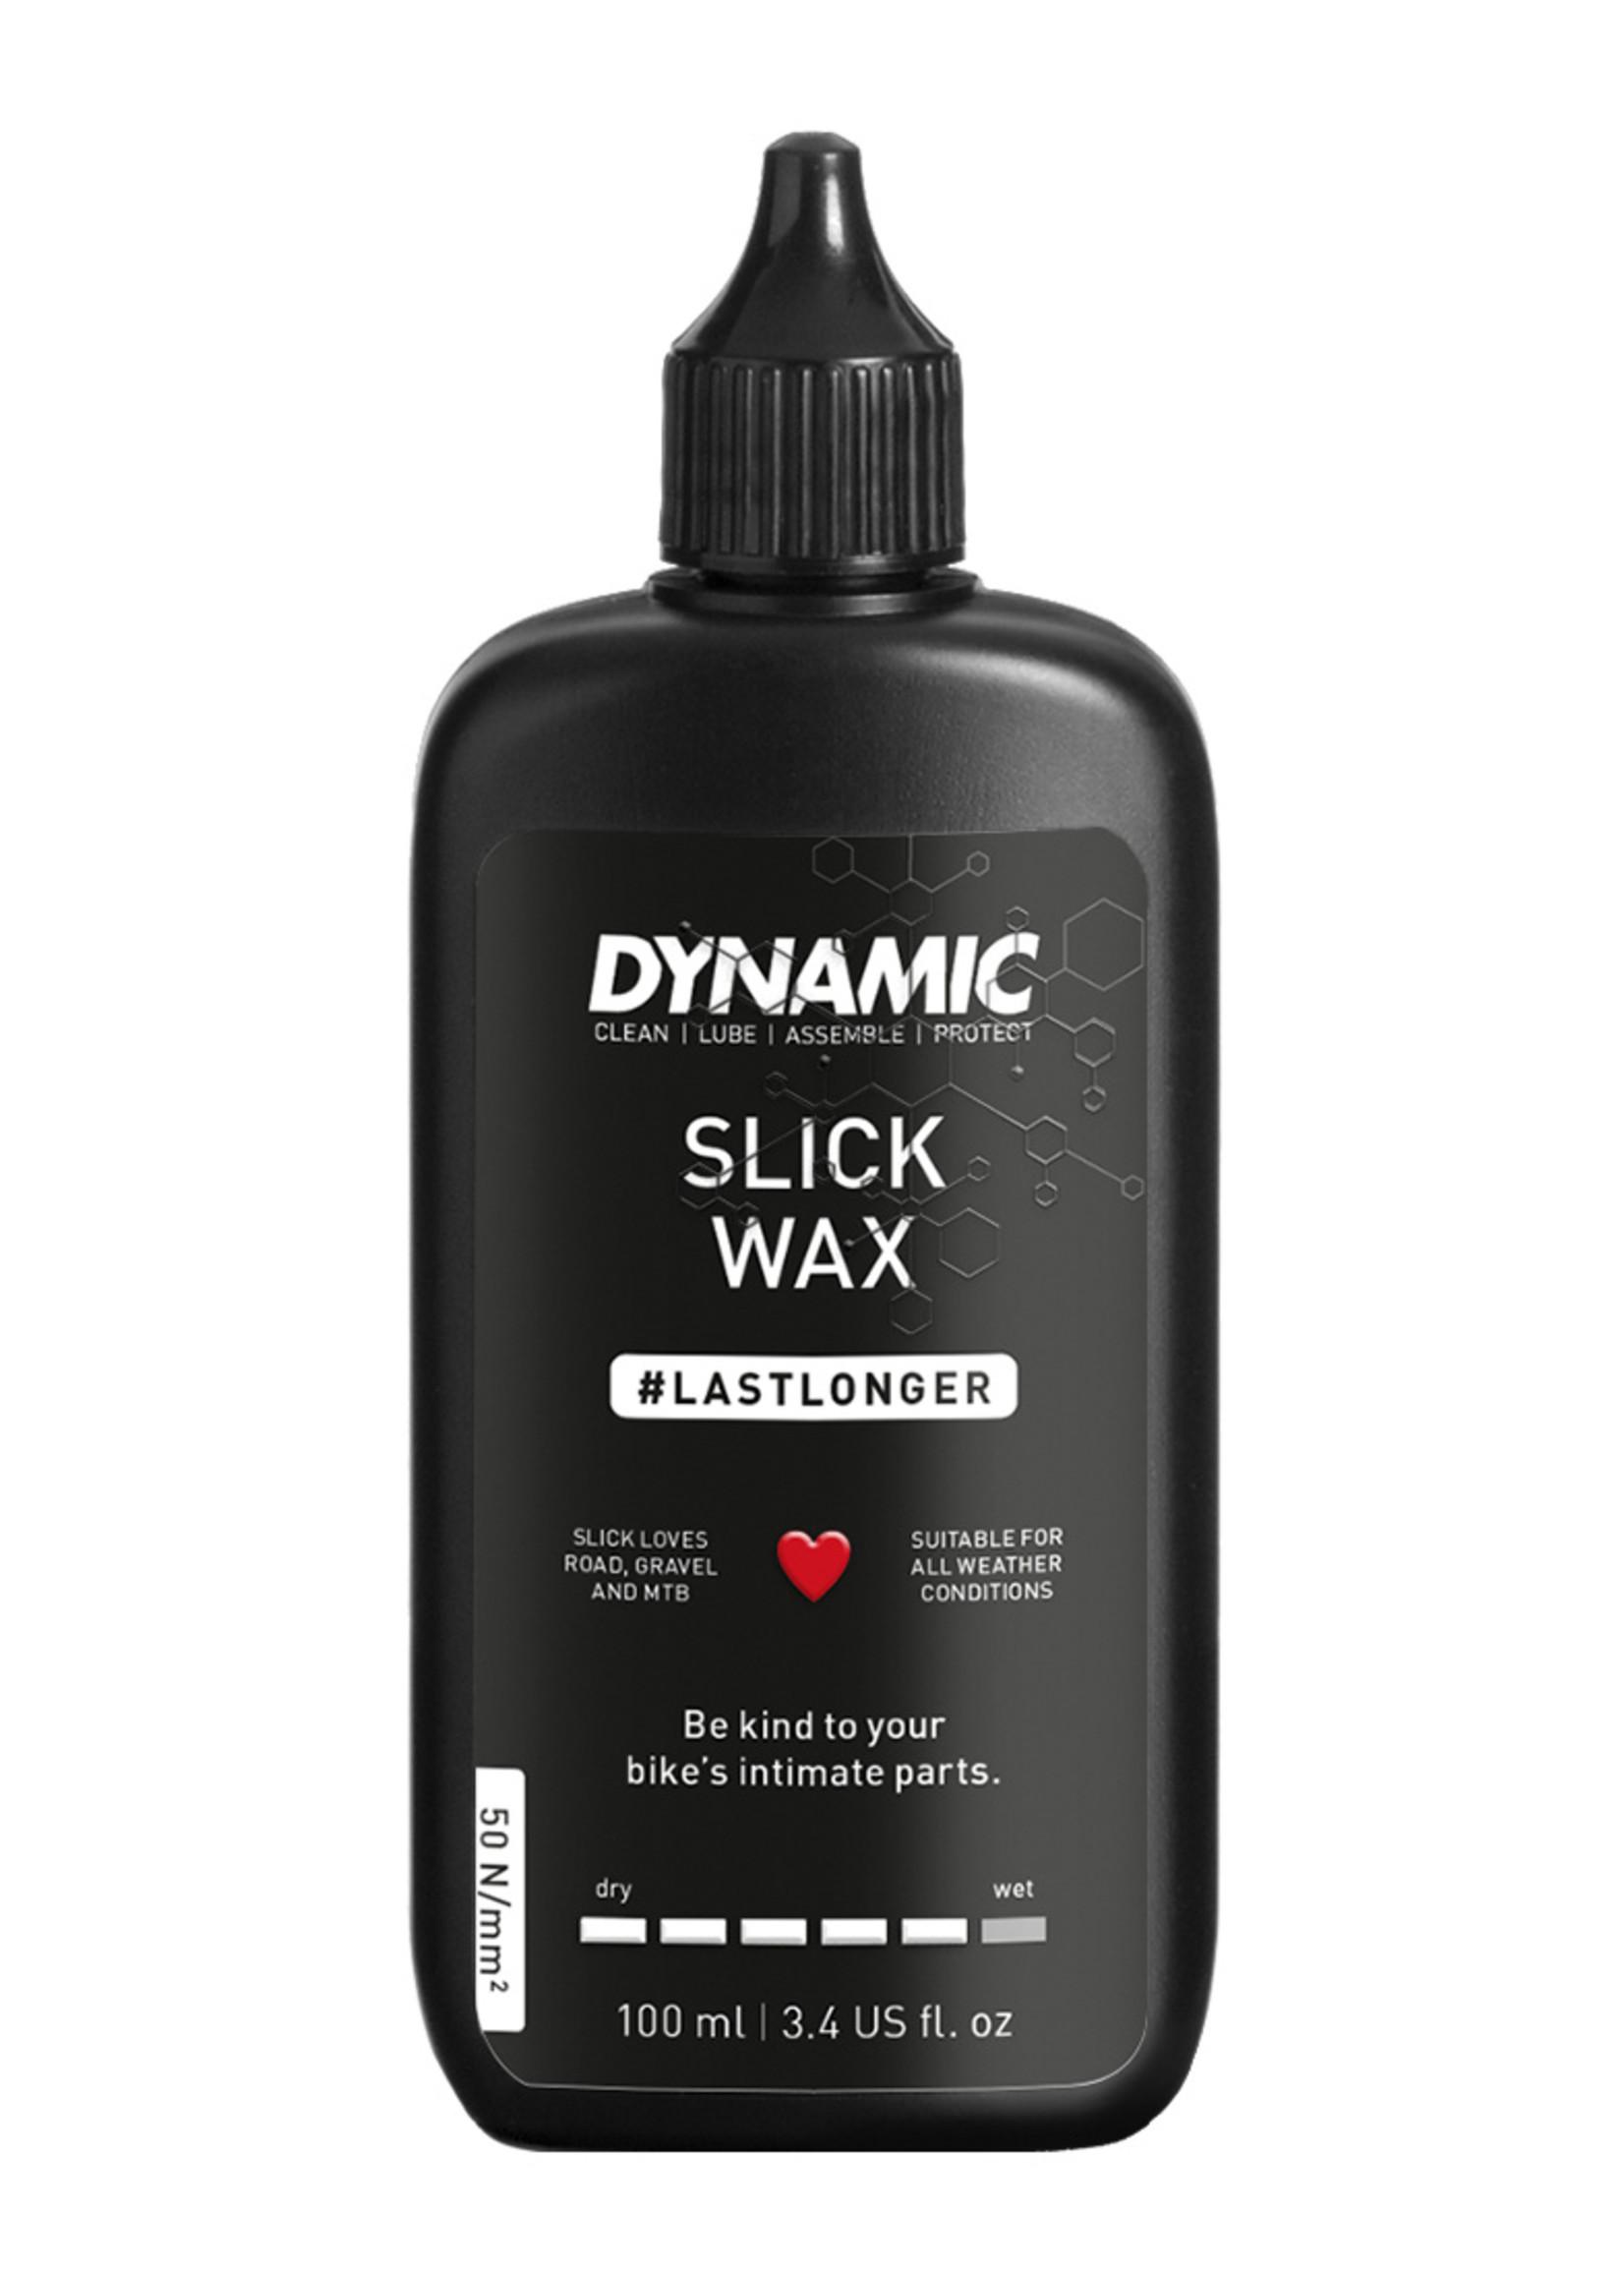 Slick Wax 100 ml Bottle